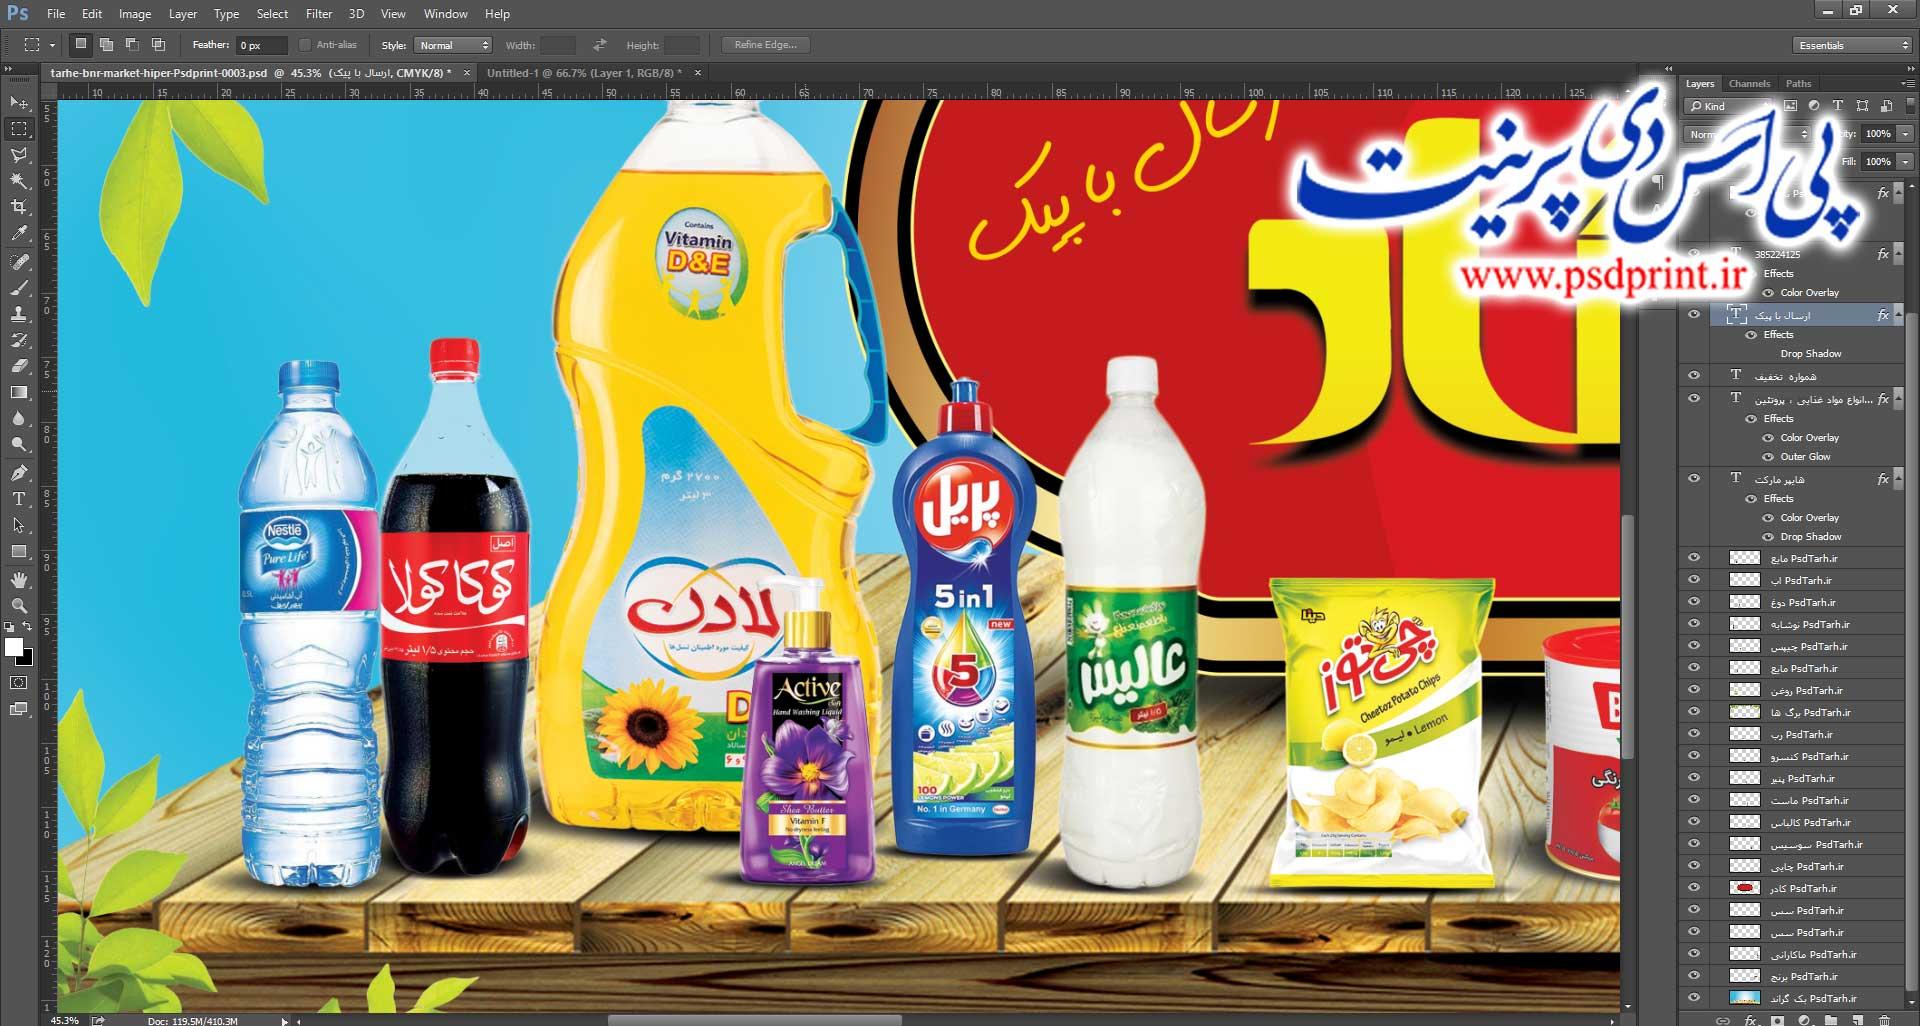 بنر تبلیغاتی هایپر مارکت